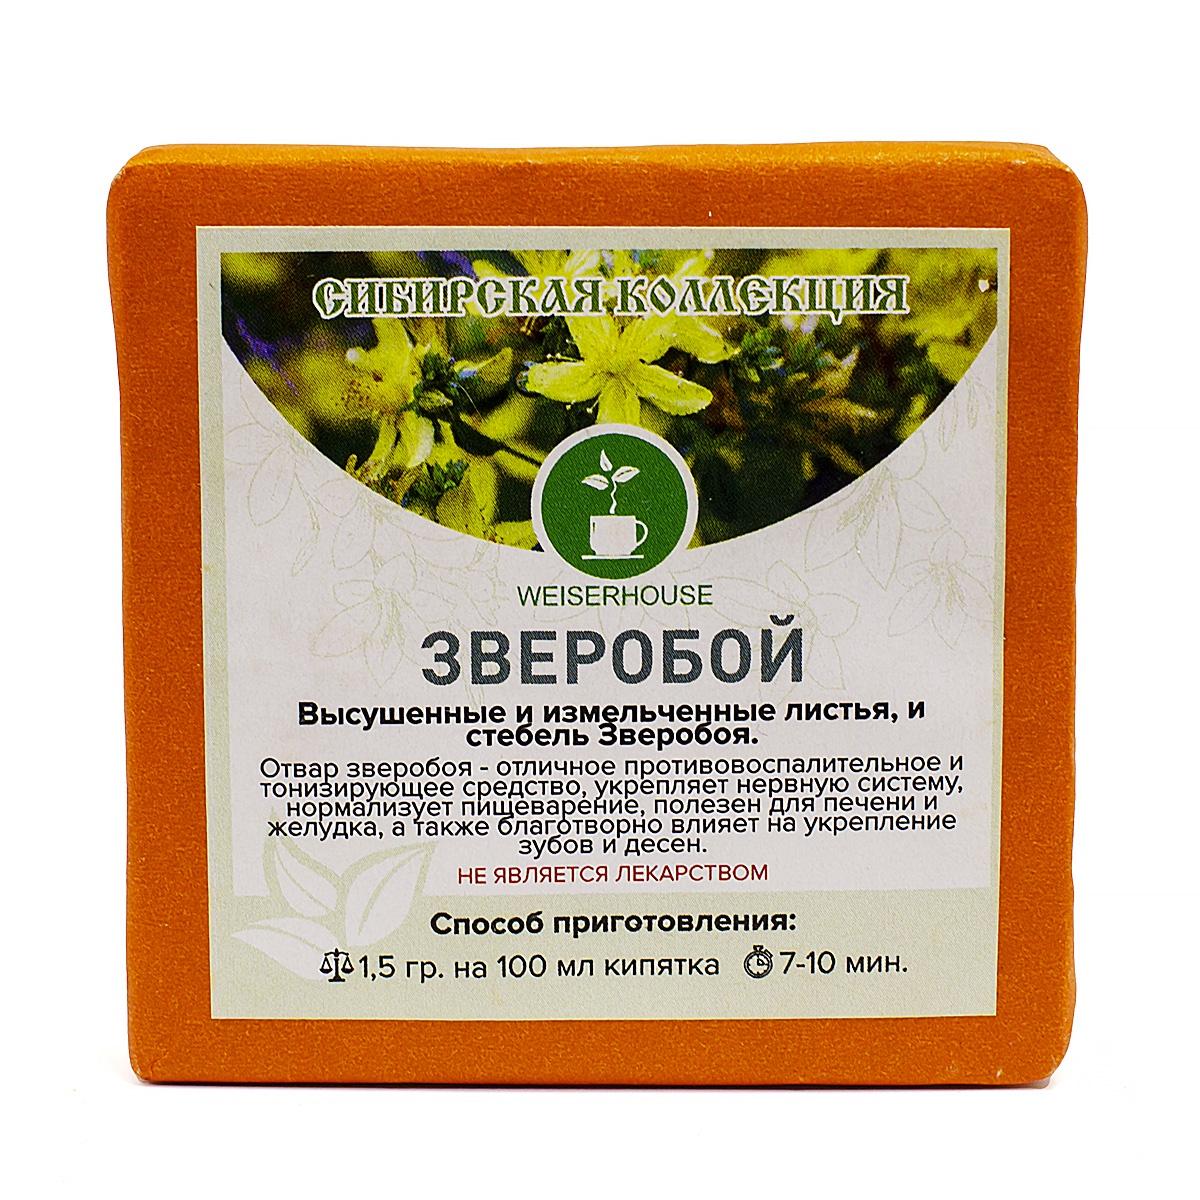 Чай листовой Weiserhouse Зверобой, плитка, 50 гW-249Высушенные и измельченные листья. Тонизирующий, полезный травяной напиток. Хорошо пить в зимнее время. Такой напиток не оказывает побочных эффектов и действует расслабляюще на нервную систему. Укрепляет иммунитет и улучшает обмен веществ. Способ приготовления: 1,5 гр. на 100 мл воды, t 95°C. Время заваривания 5-6 мин.